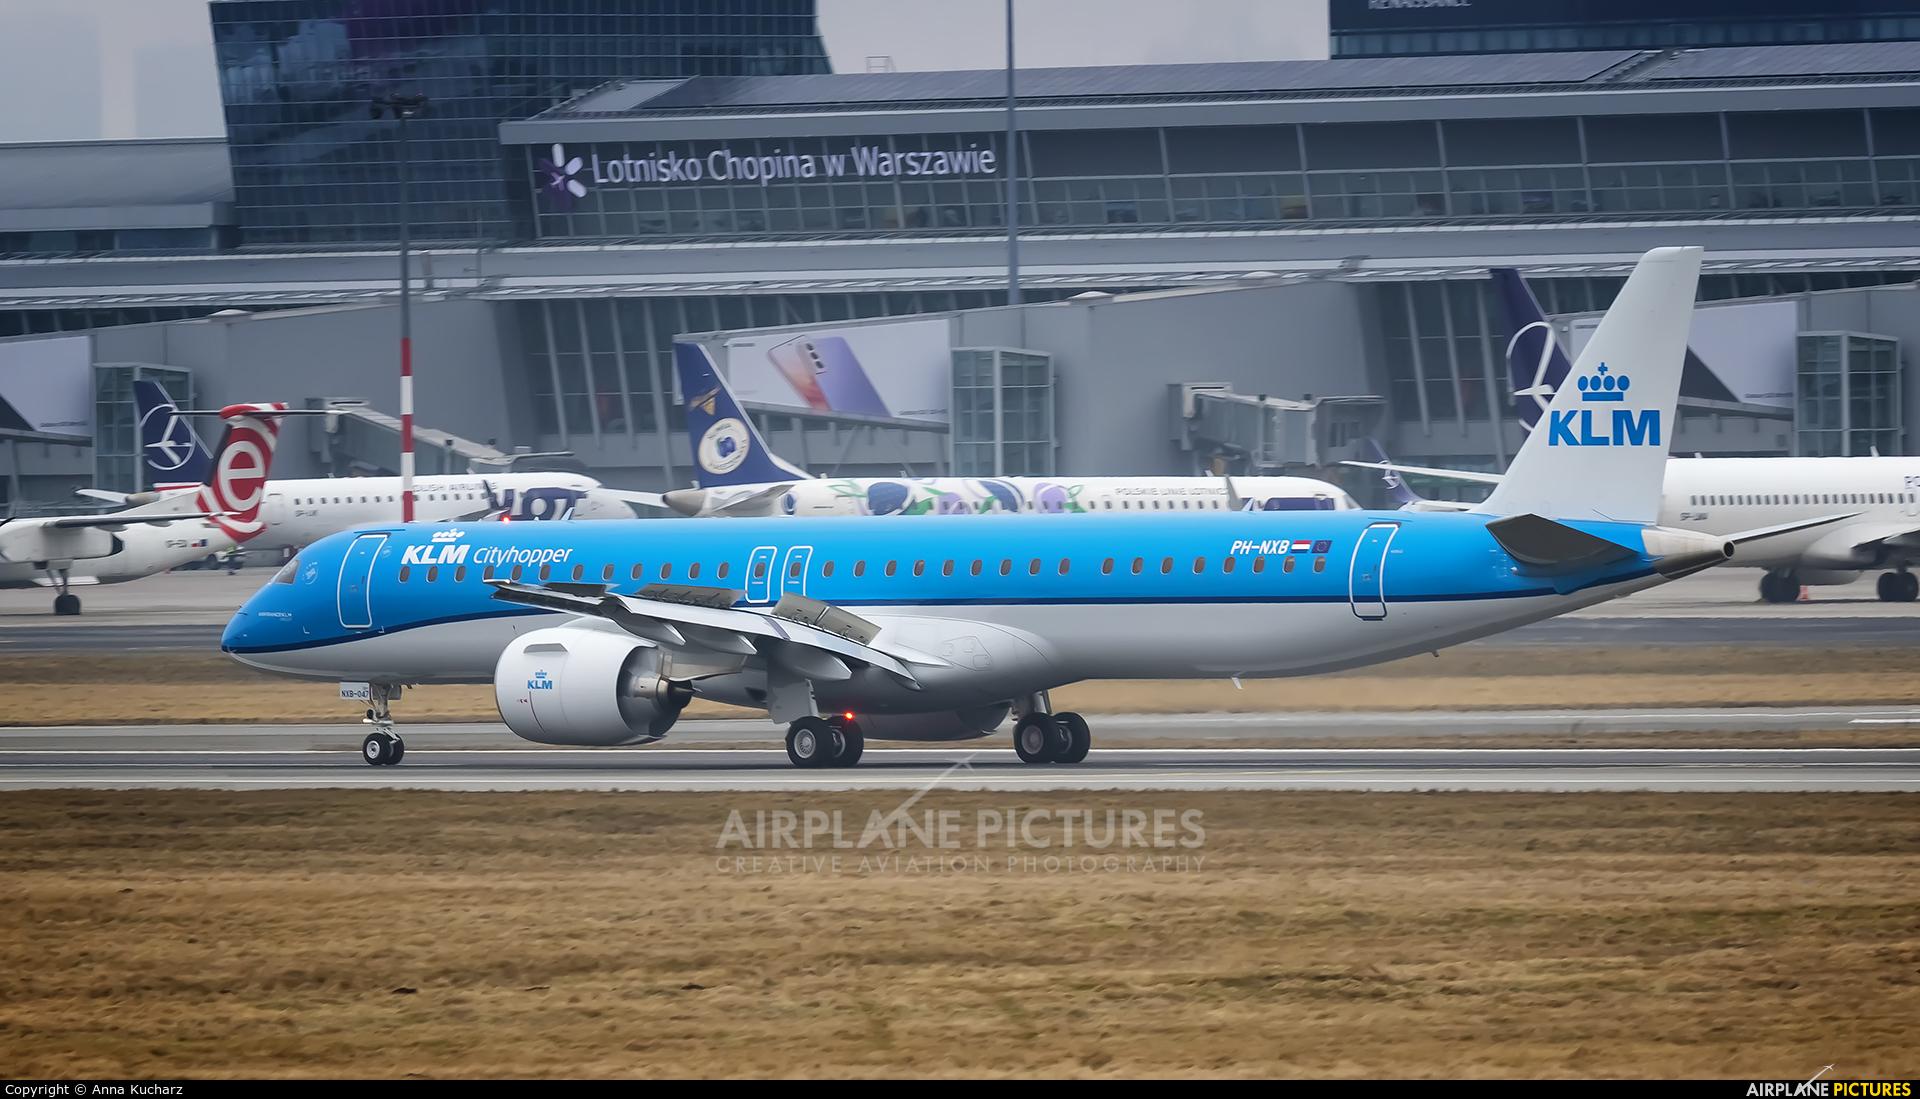 KLM Cityhopper PH-NXB aircraft at Warsaw - Frederic Chopin